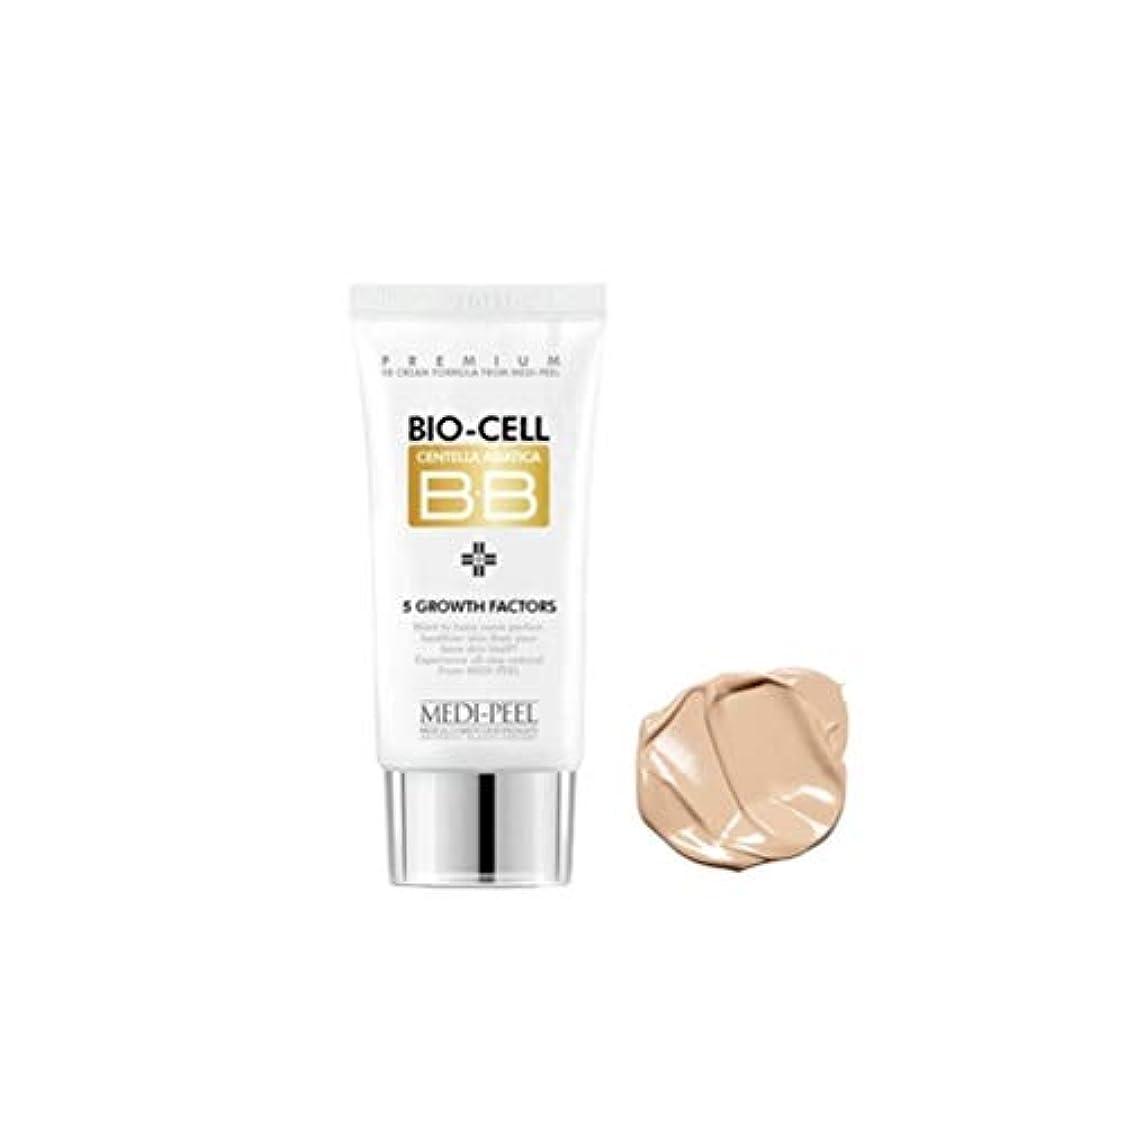 ワーカー雷雨称賛[Medi-Peel] メディピール バイオセル BBクリーム 50ml. [美.白?シワ.改善2重機能性化粧品] Medi-Peel Bio-cell BB Cream 50ml.